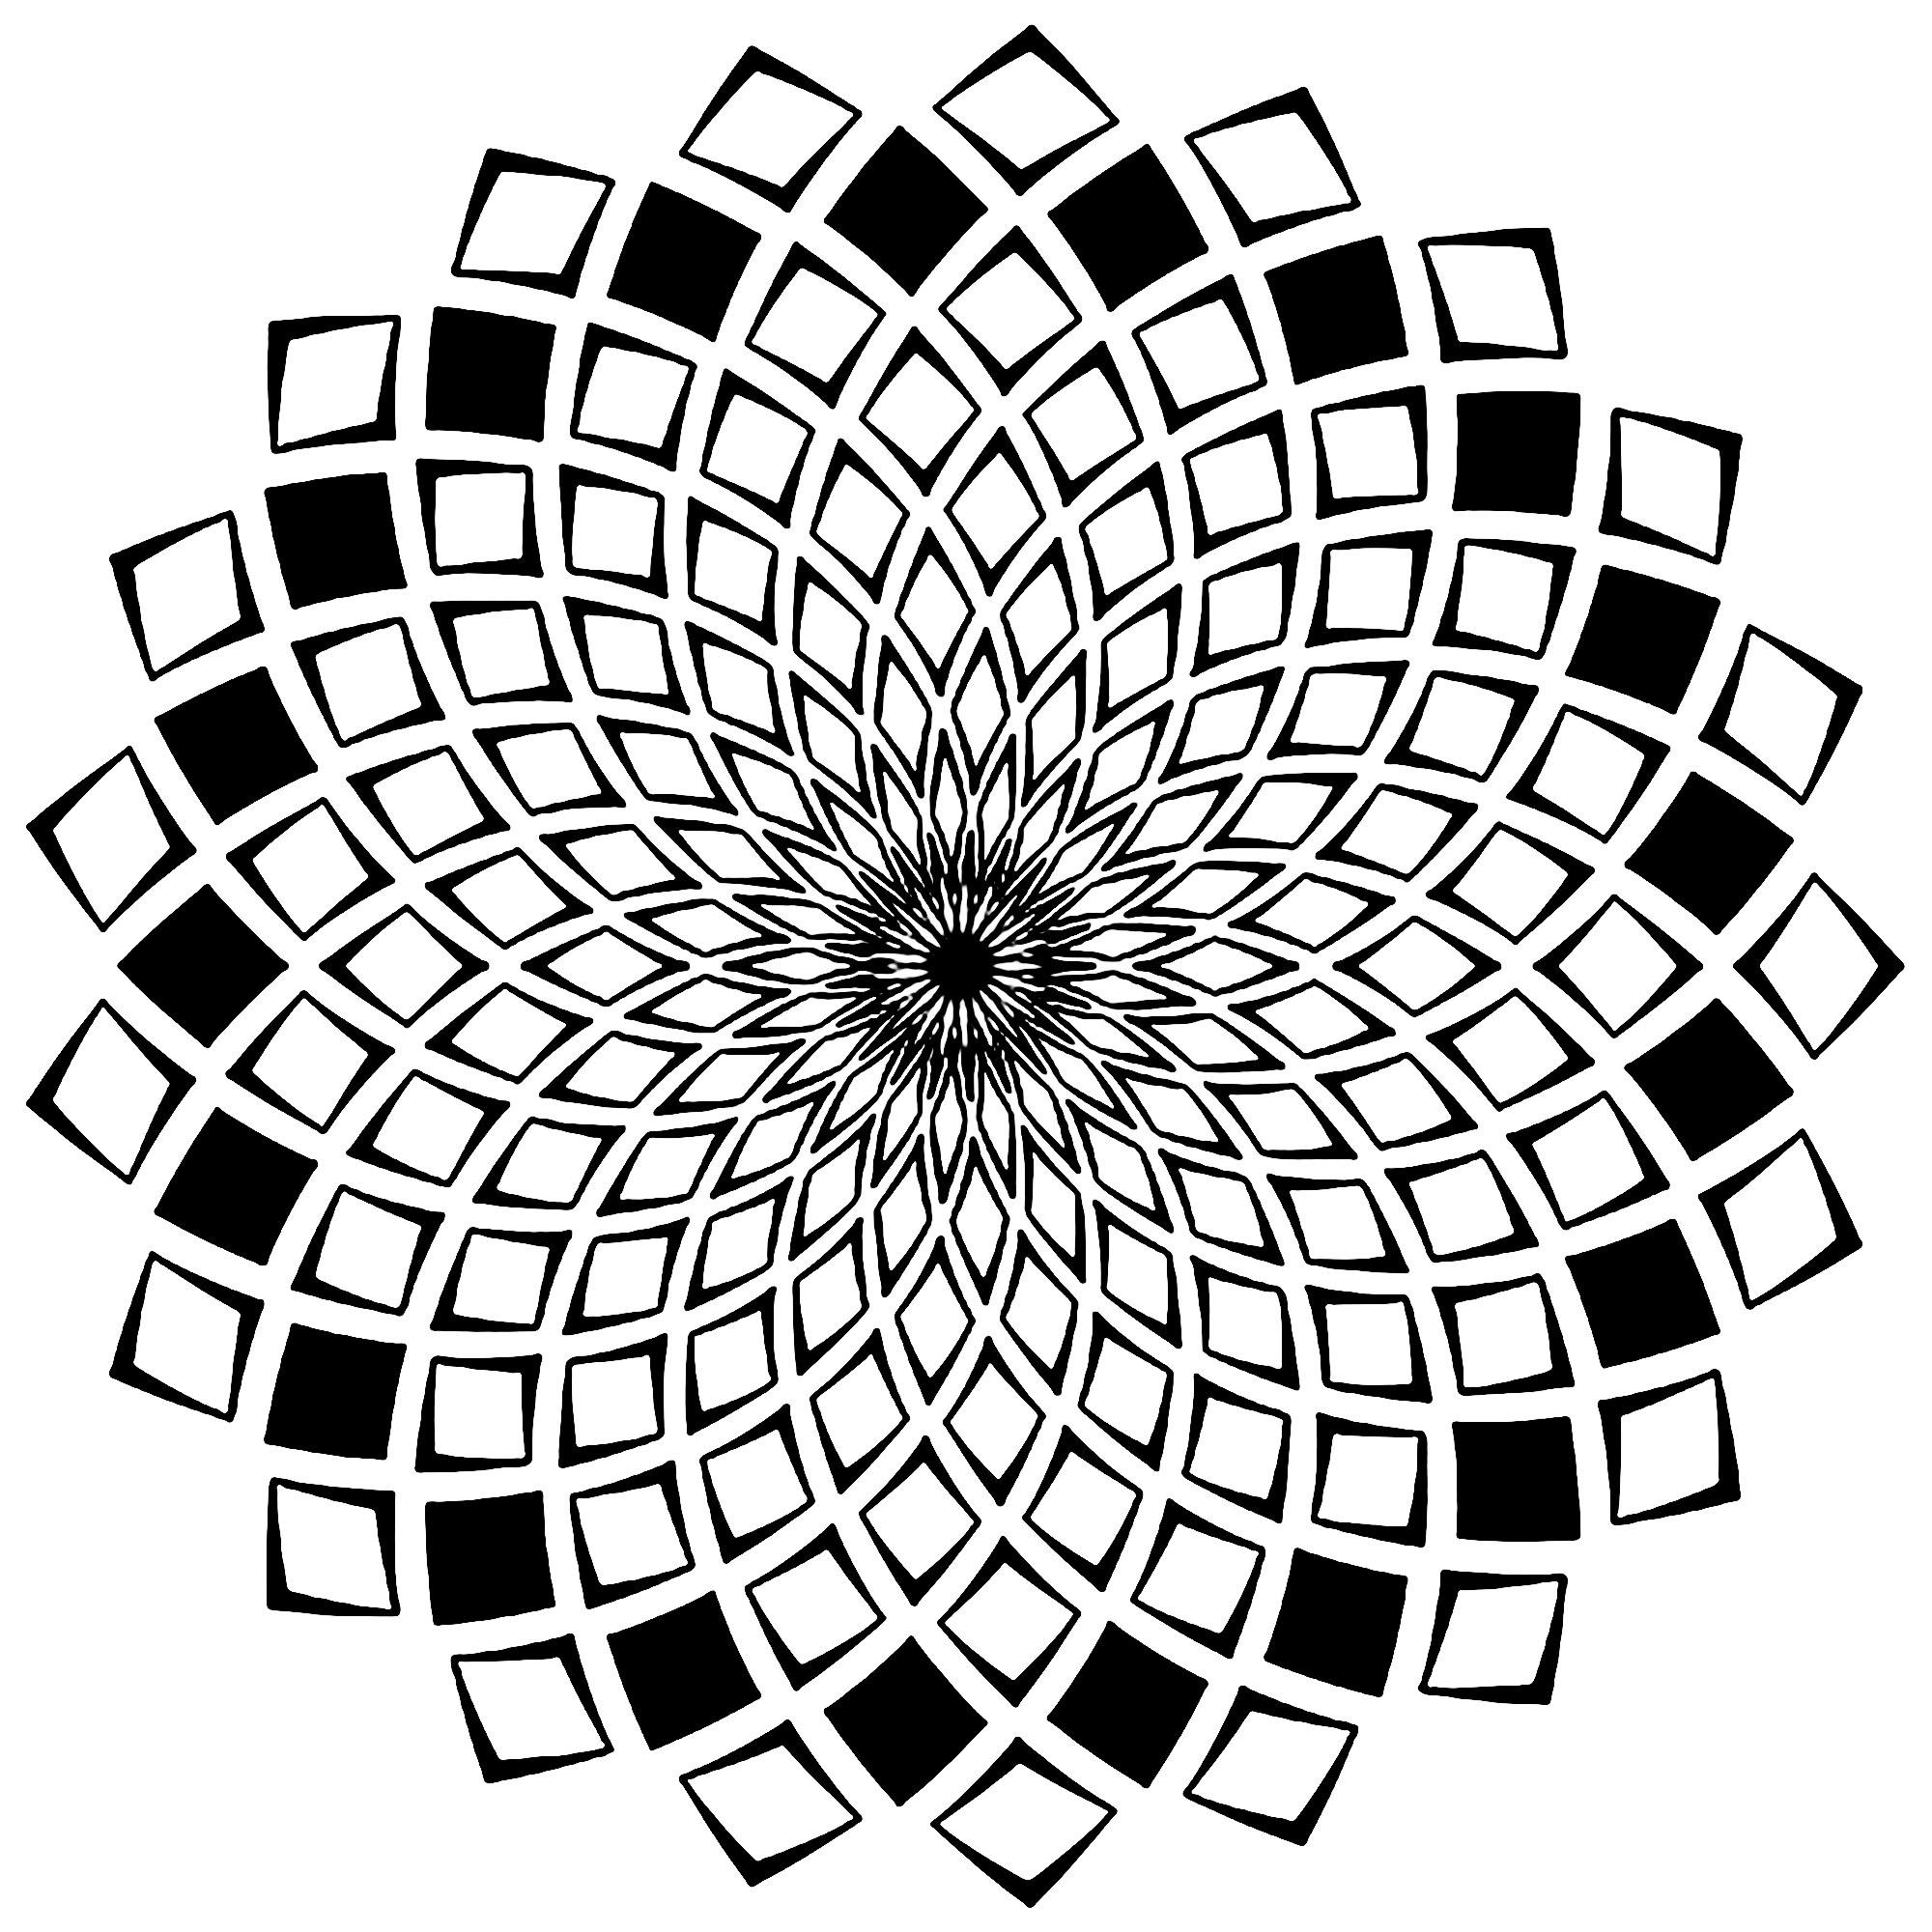 Mandala carres mosaiques mandalas coloriages difficiles pour adultes - Mandalas a colorier pour adultes ...